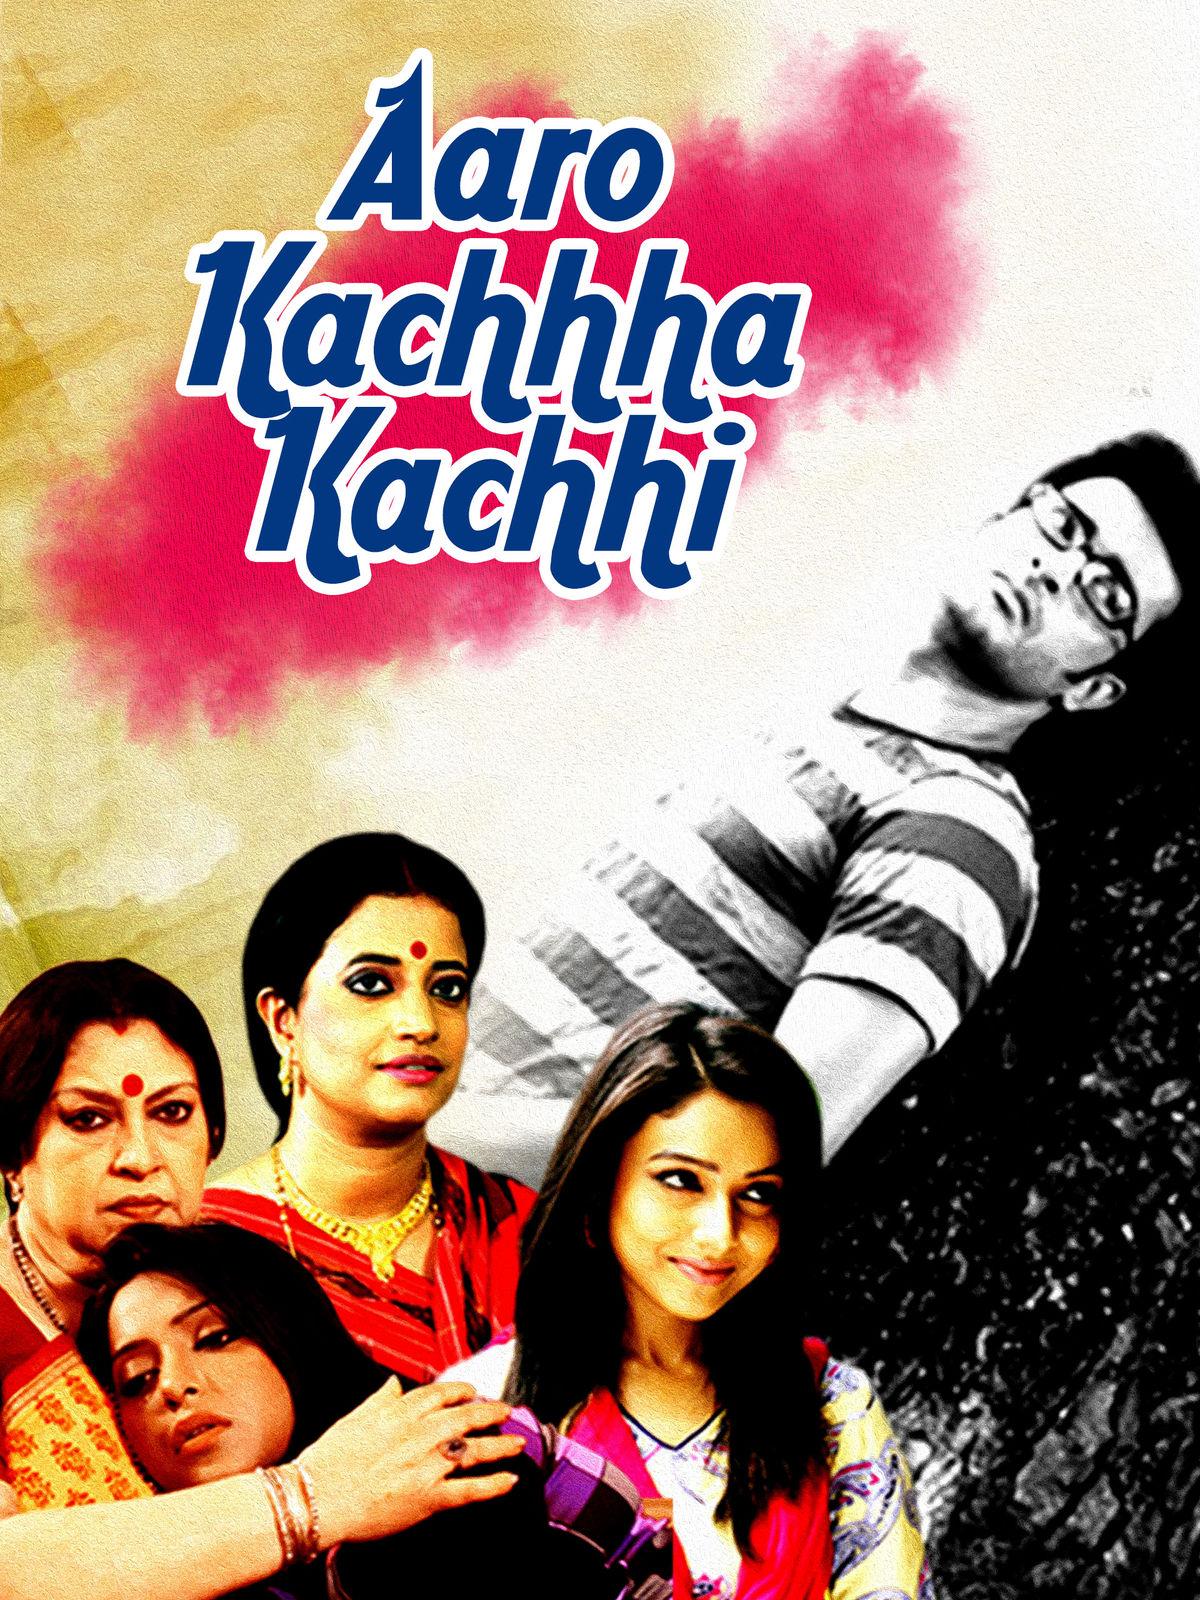 Aaro Kachha Kachhi